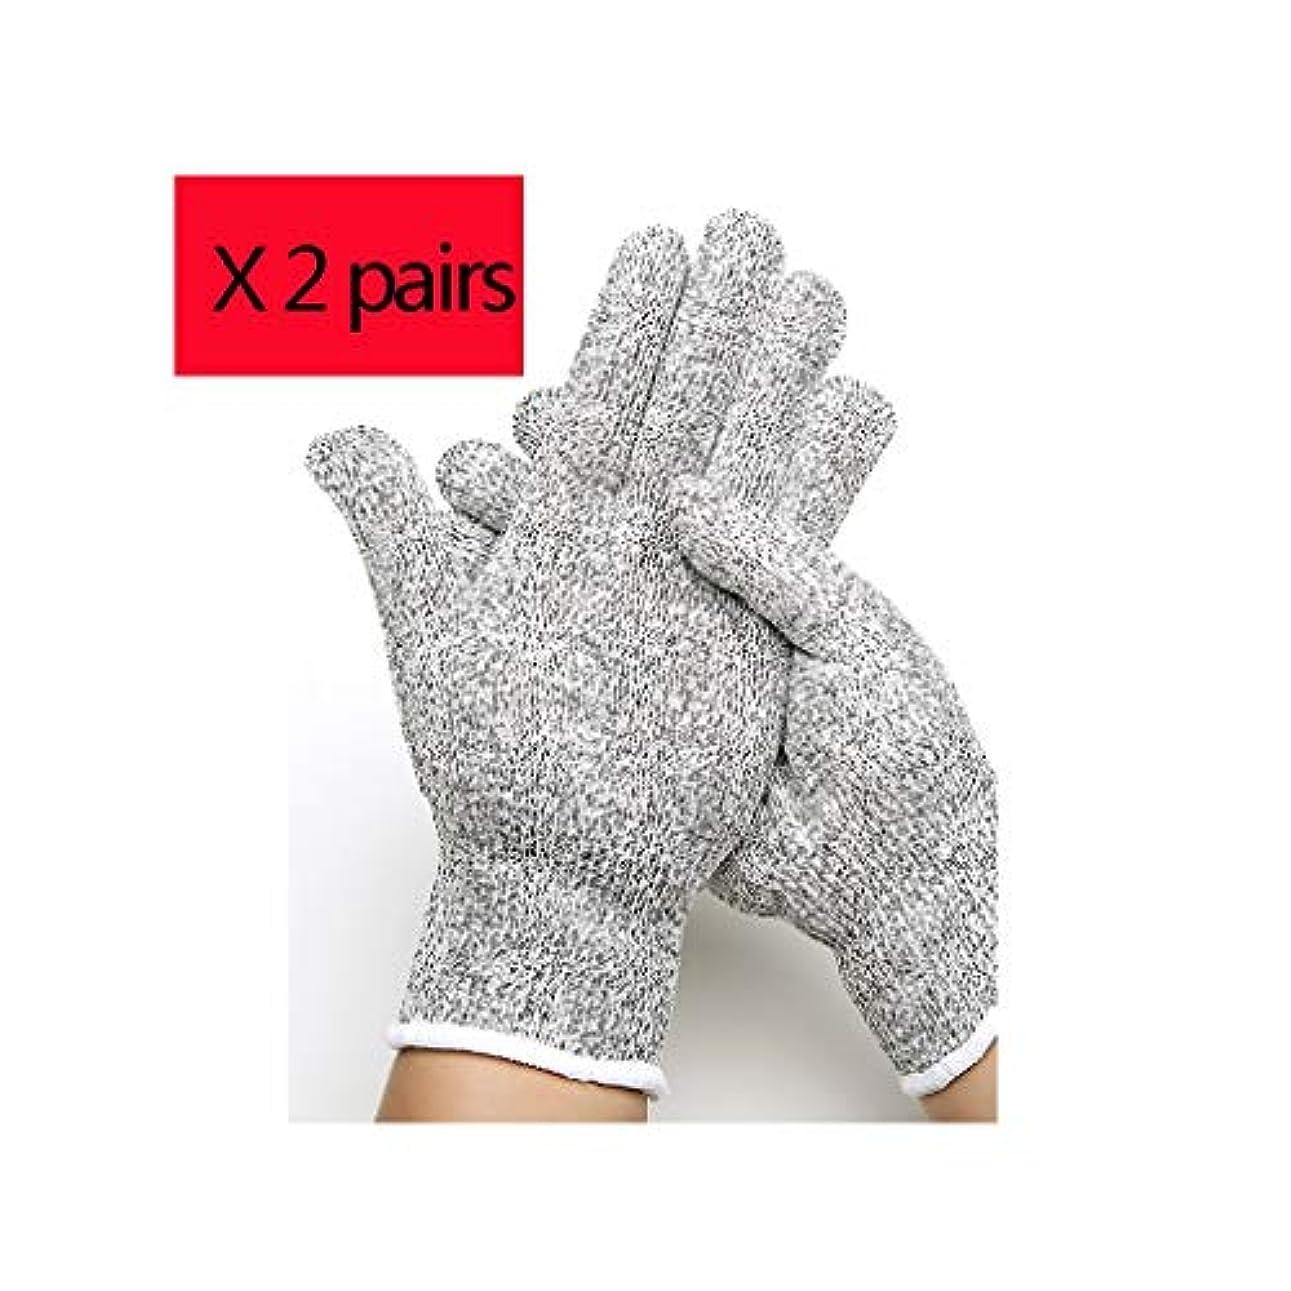 つぼみ夏包括的LIUXIN ナイフカット手袋厚手の耐摩耗性産業用労働手袋家庭用保護手袋マルチサイズオプション×2 ゴム手袋 (Size : S)